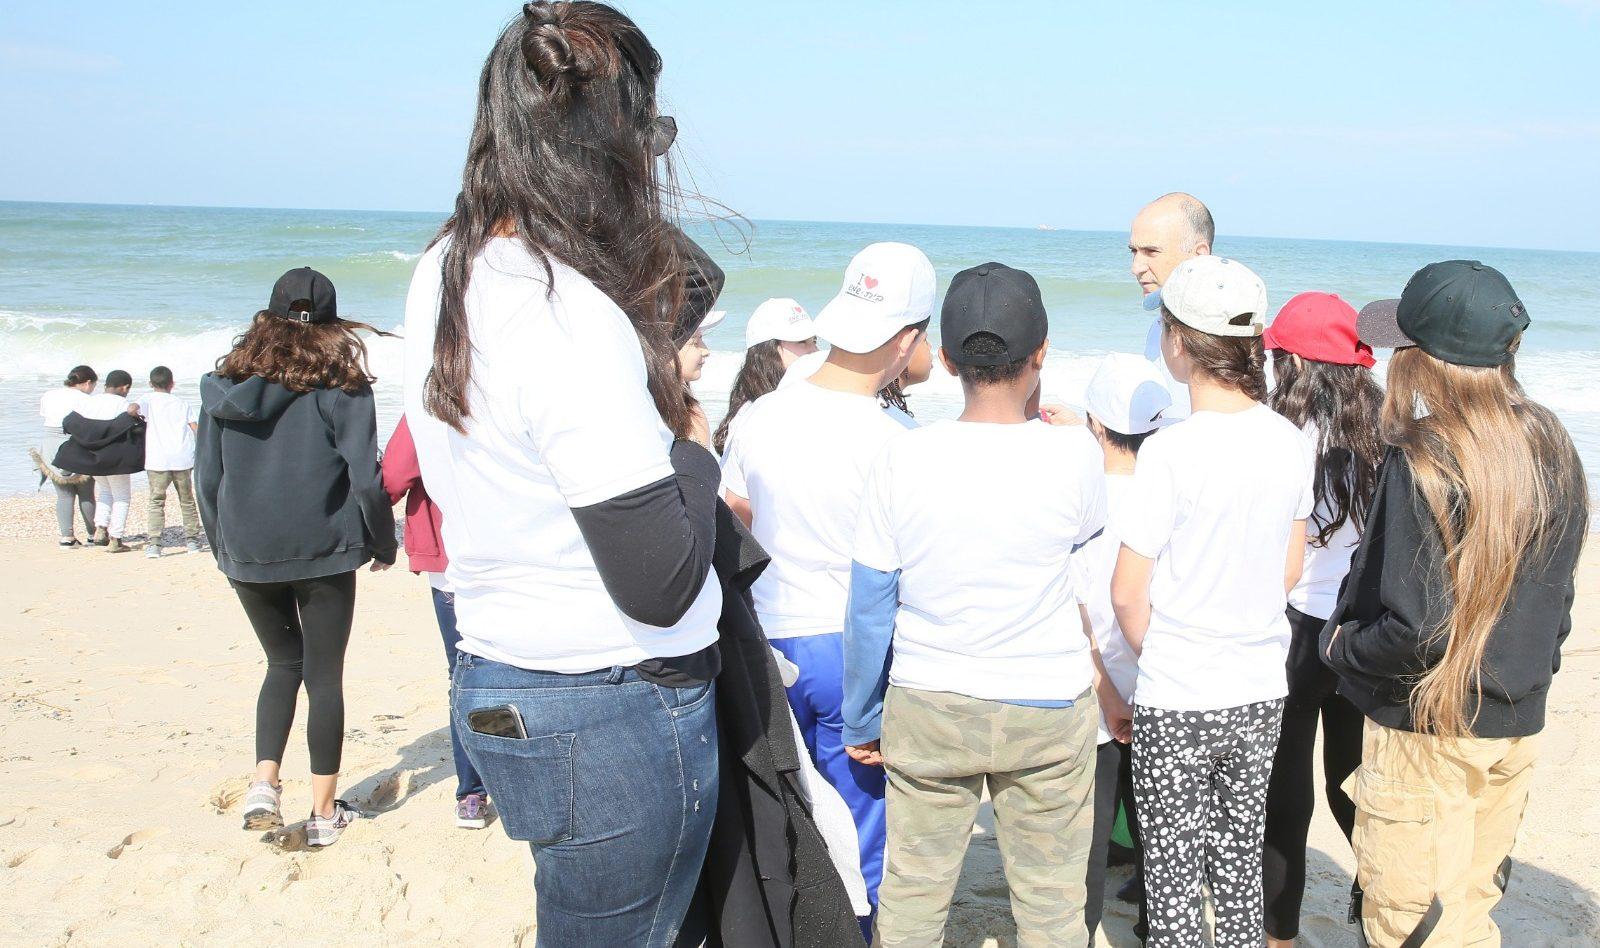 """מנכ""""ל המשרד להגנת הסביבה גיא סמט עם תלמידי ביה""""ס ז'בוטינסקי מבית שמש בחוף ניצנים. צילום: מירי שמעונוביץ לעמ"""